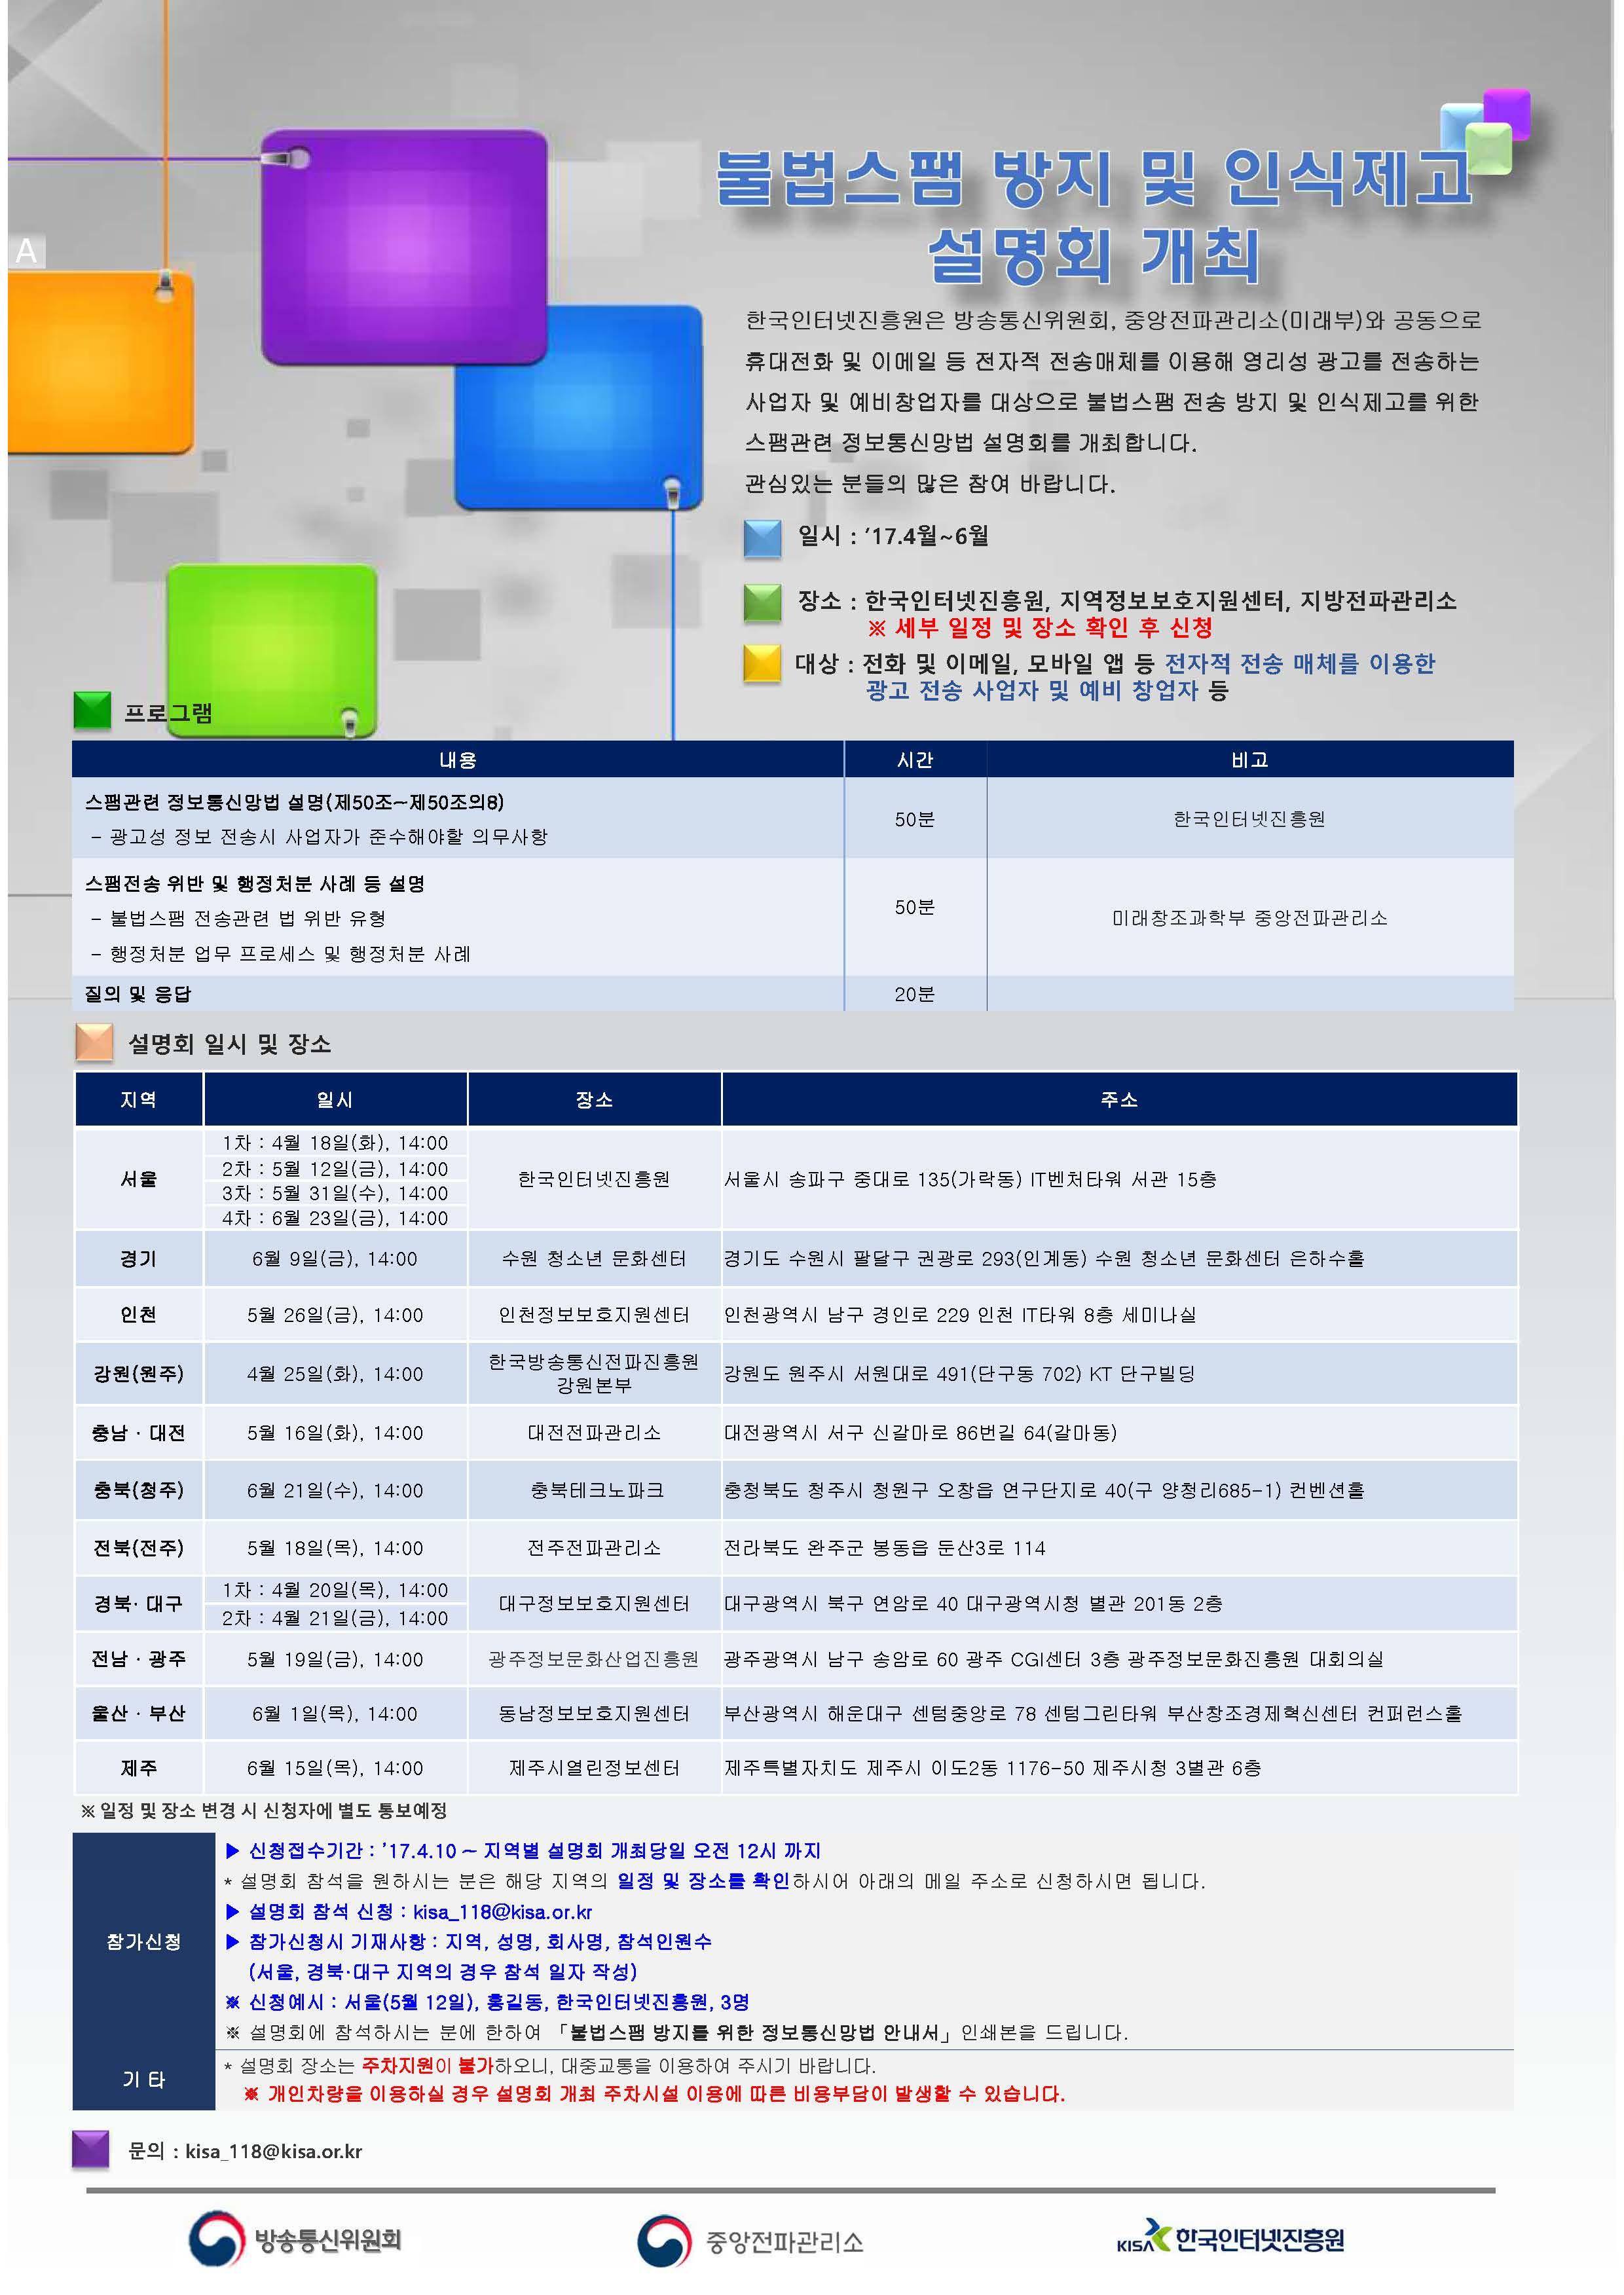 [한국인터넷진흥원] 불법스팸 방지 및 인식제고 설명회 개최